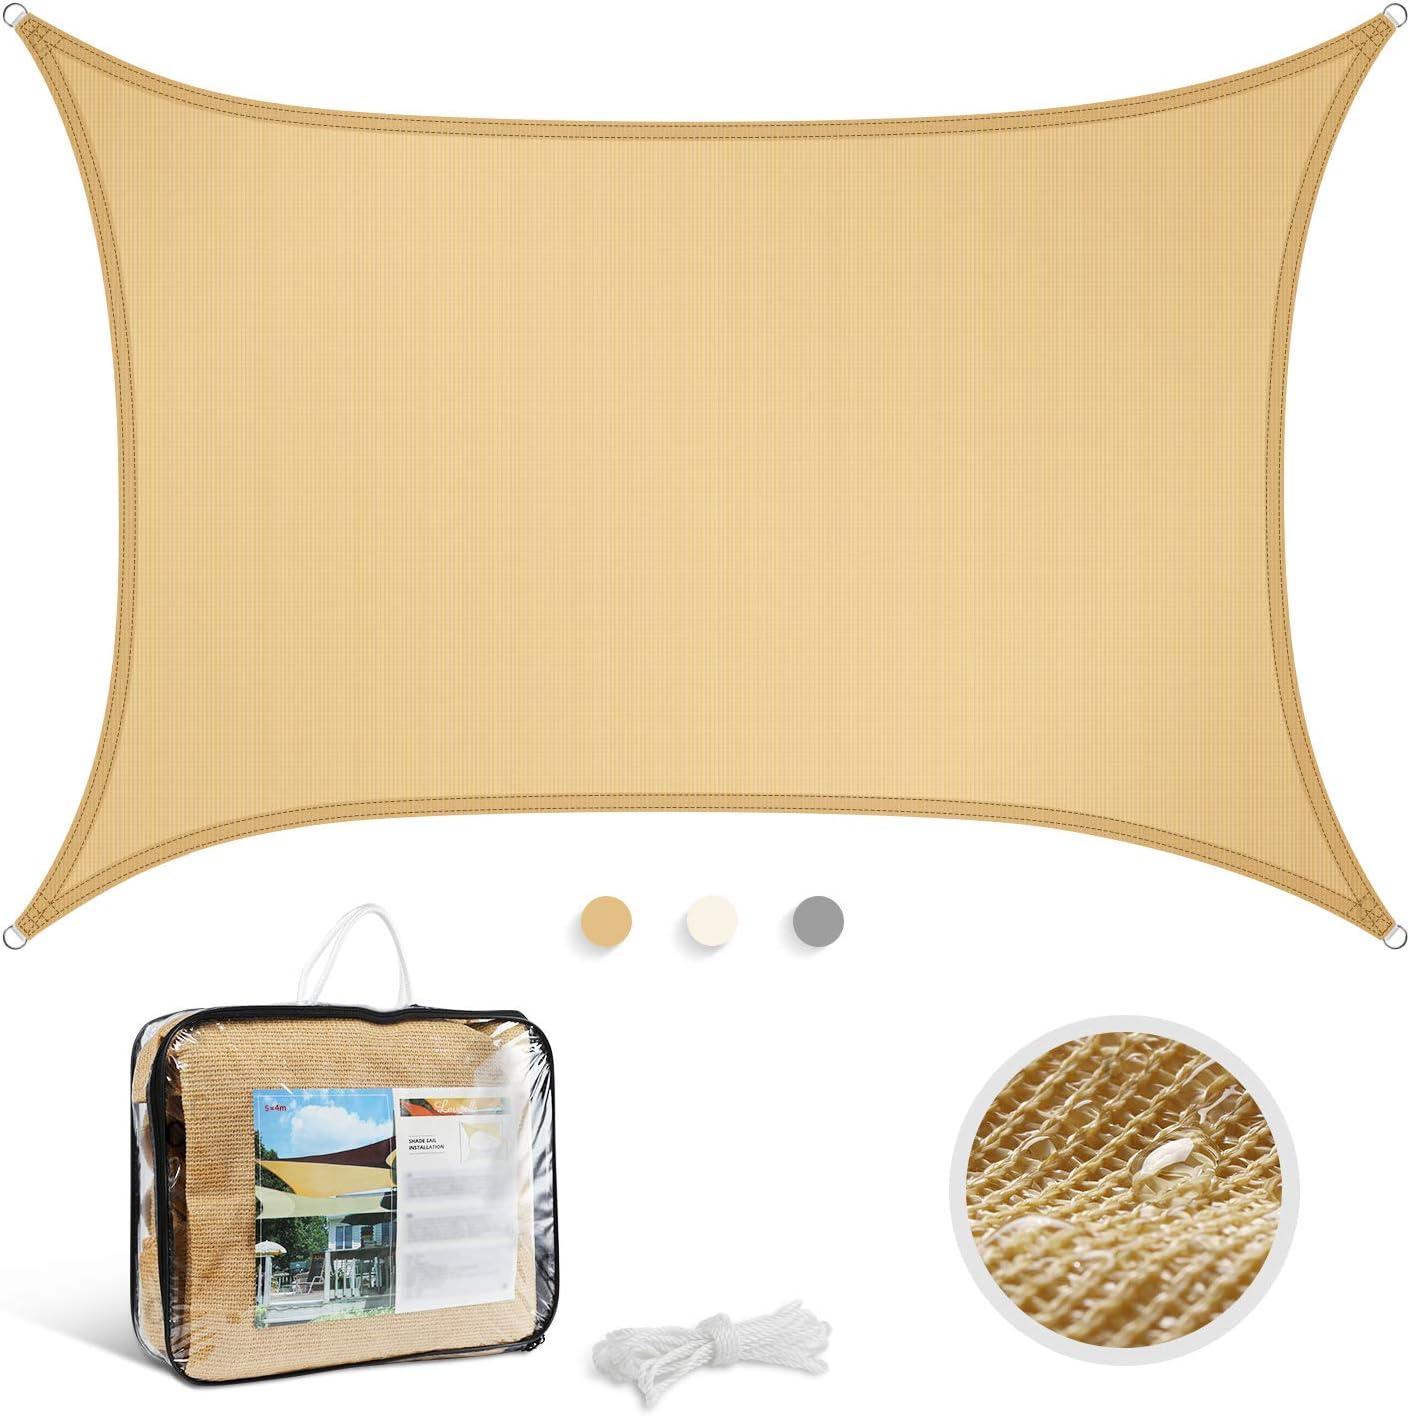 Levesolls Toldo Vela de Sombra Rectangular 4 x 3 m Protección Rayos UV Impermeable Resistente para Patio, Exteriores, Jardín, Color Arena